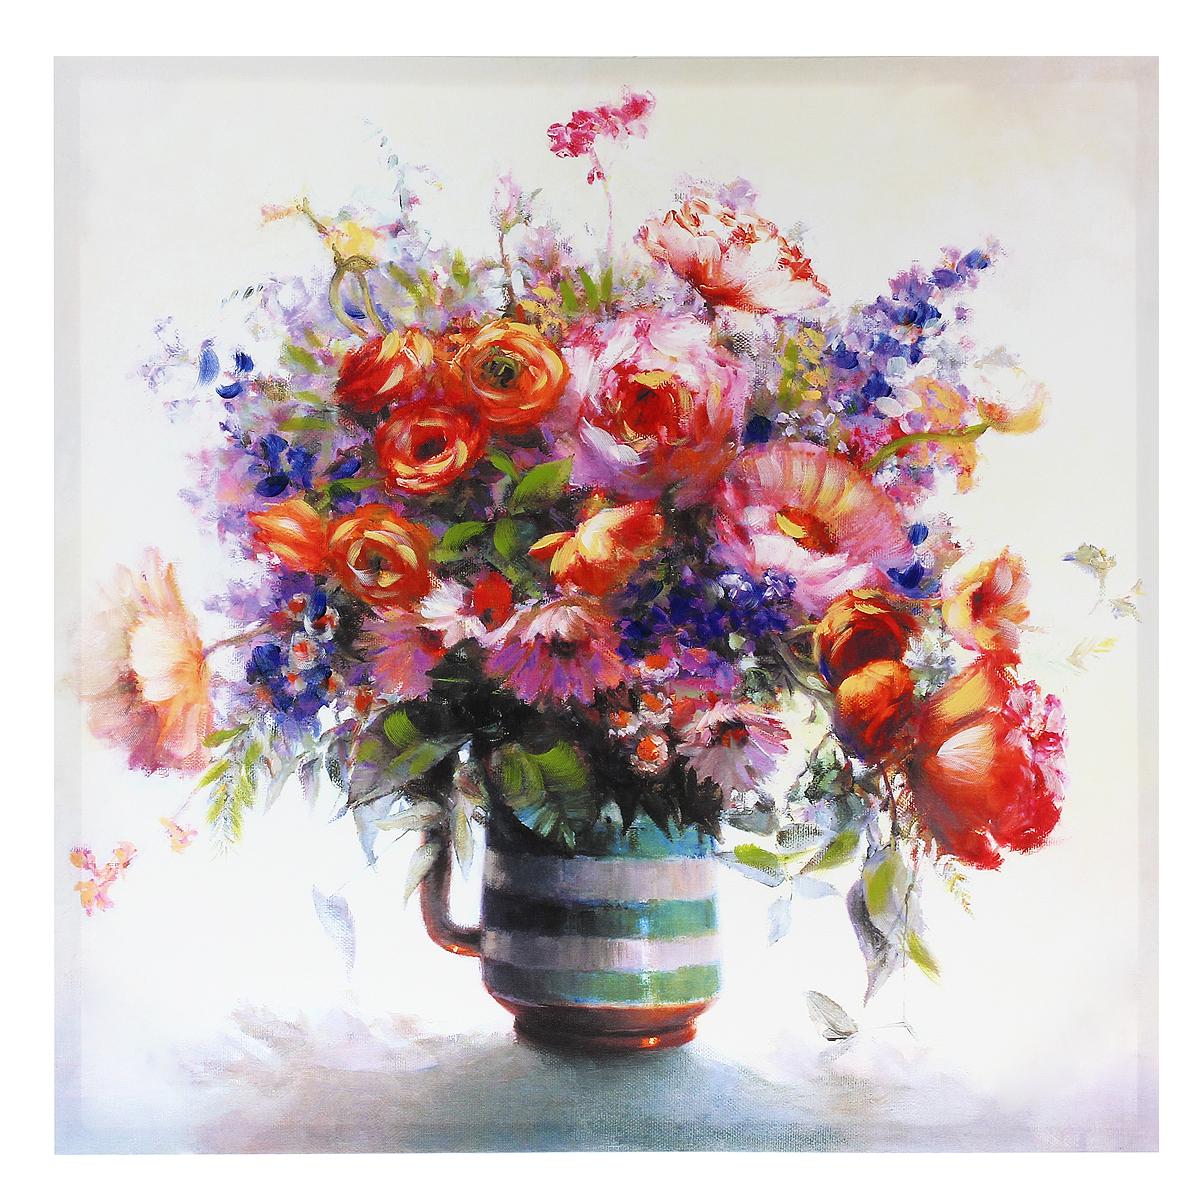 Картина-репродукция на холсте Цветы, без рамки, 60 см х 60 см. 36024AG 40-10Картина-репродукция Цветы, выполненная на деревянном подрамнике и холсте масляной печатью с ручной подрисовкой, дополнит интерьер любого помещения, а также может стать изысканным подарком для ваших друзей и близких. На картине изображен букет цветов в вазе. Благодаря оригинальному дизайну картина может использоваться для оформления любых интерьеров: гостиной, спальни, кухни, прихожей, детской или офиса. Изделие оснащено отверстием для подвешивания на стену. Такая картина - вдохновляющее декоративное решение, привносящее в интерьер нотки творчества и изысканности!